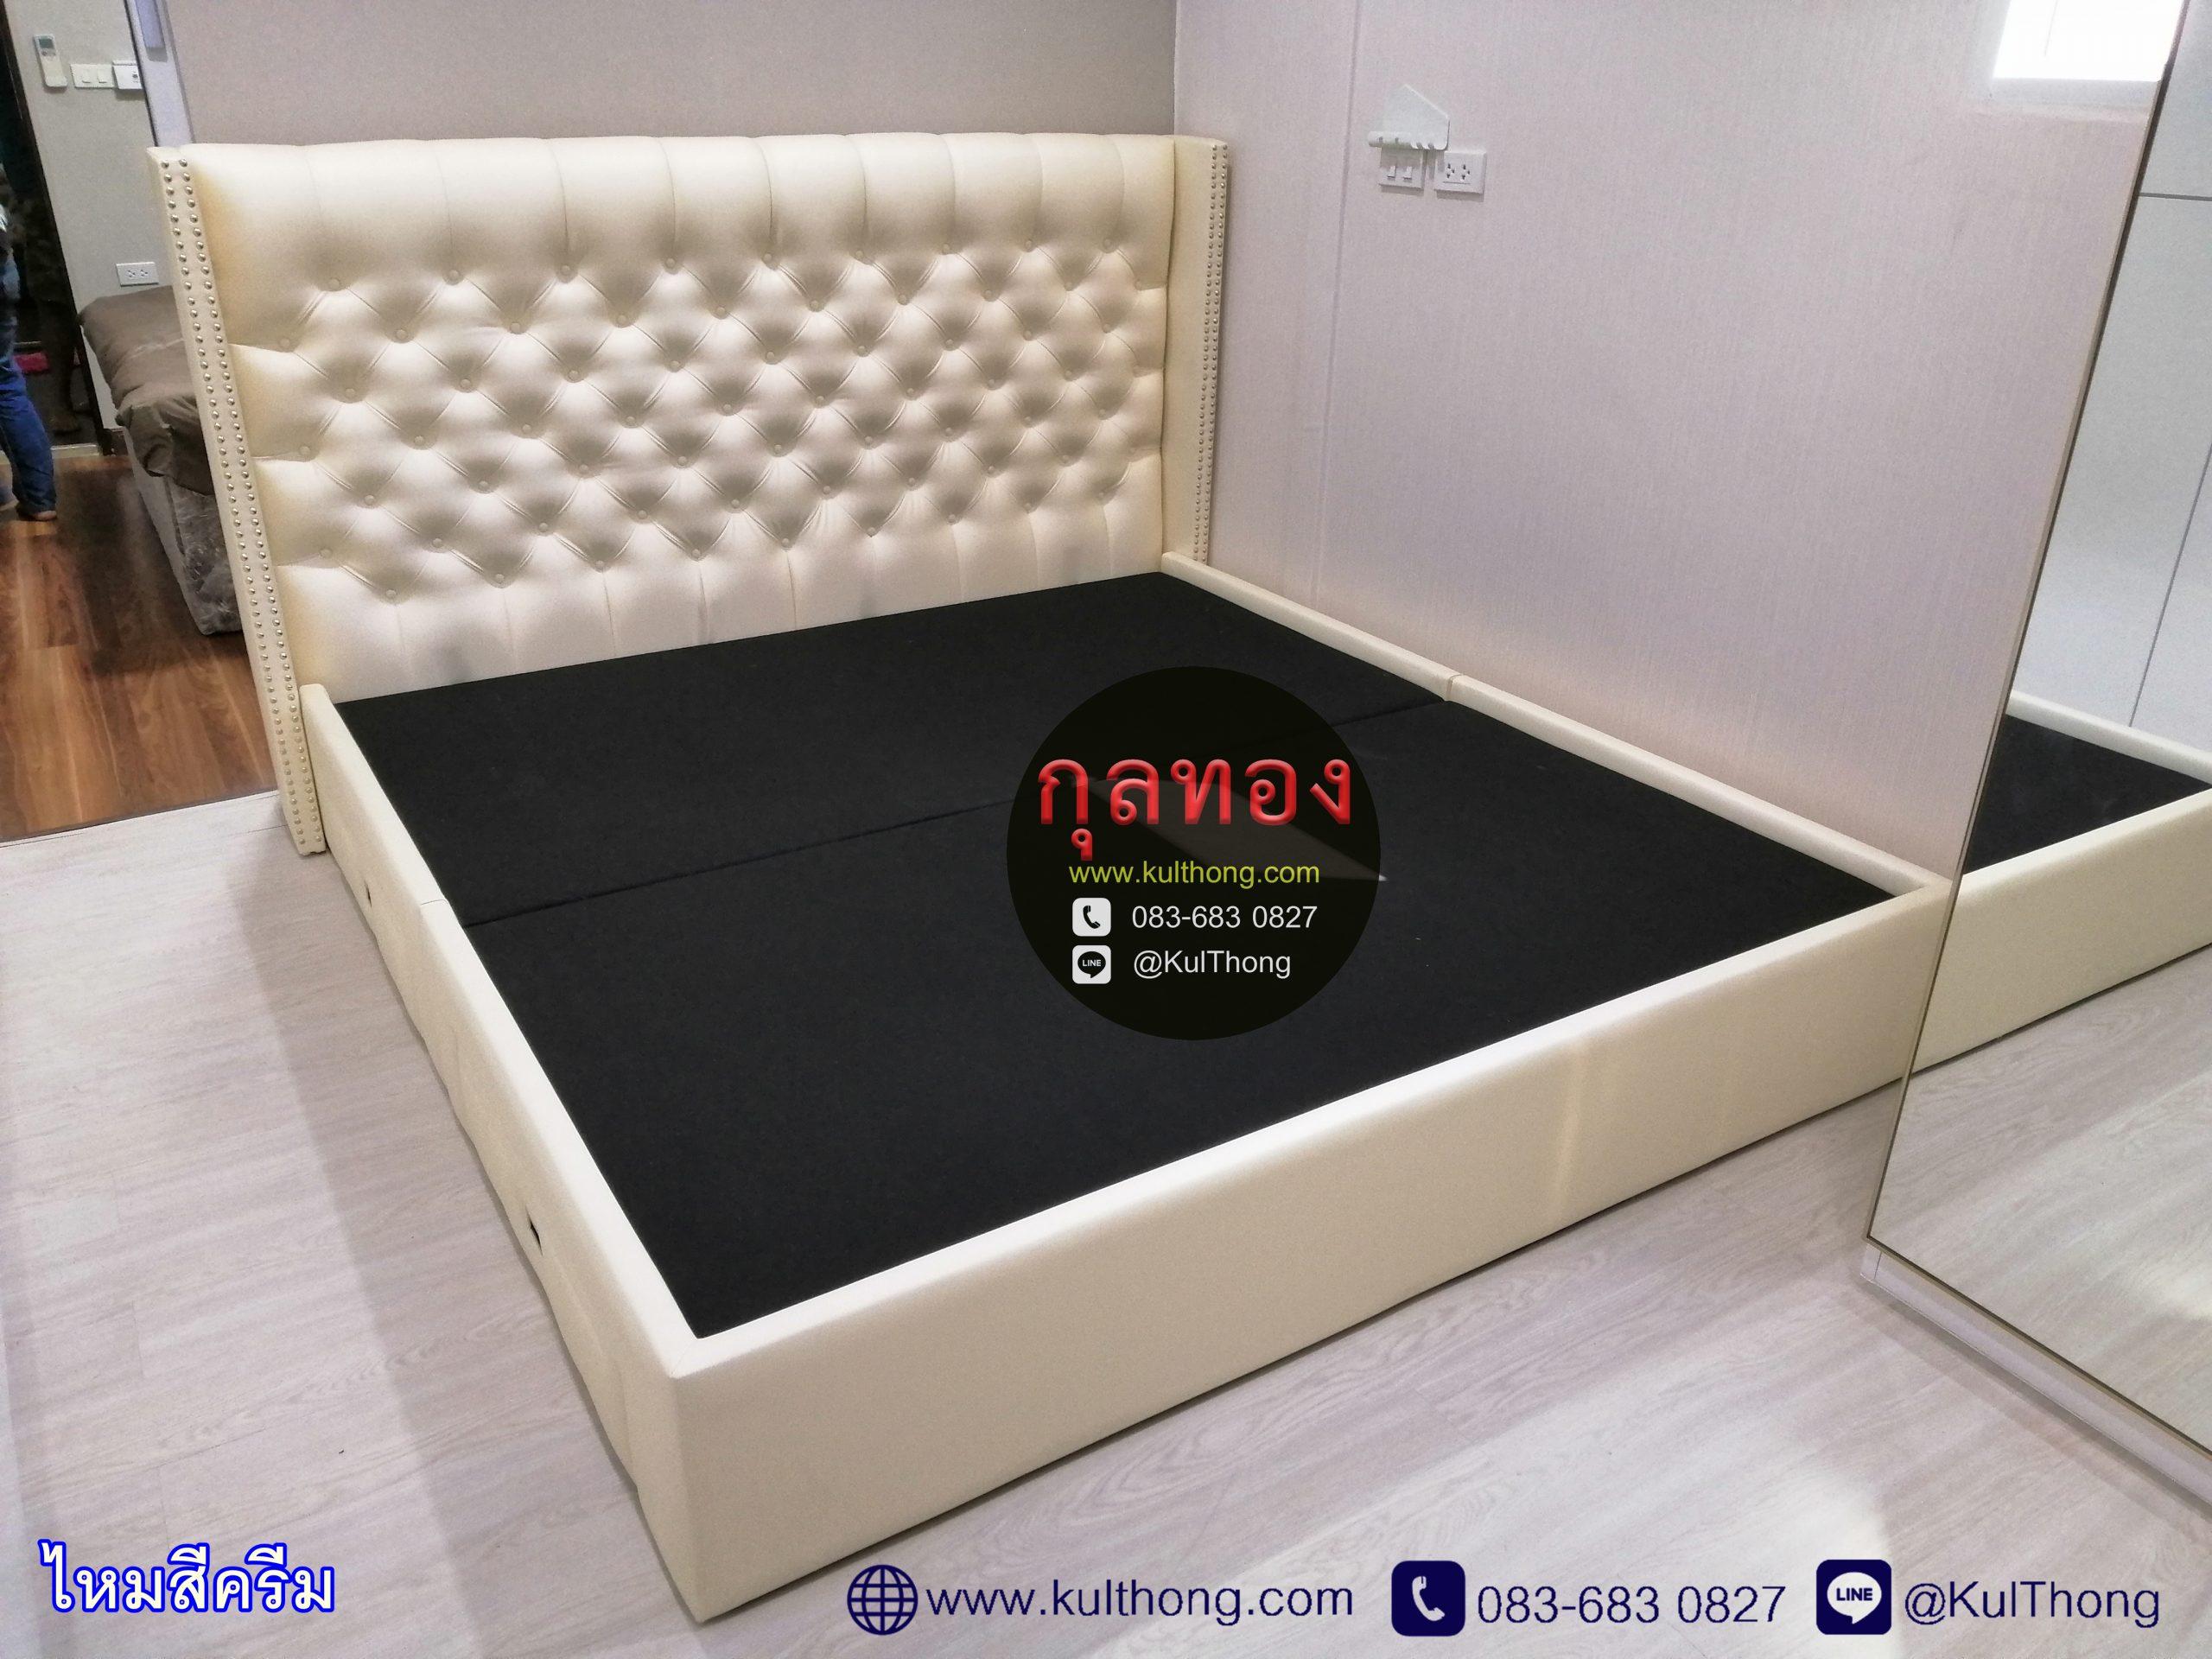 ฐานเตียงแบบมีหัวเตียง หัวเตียงดึงกระดุม หัวเตียงตอกหมุด เตียงหุ้มหนัง